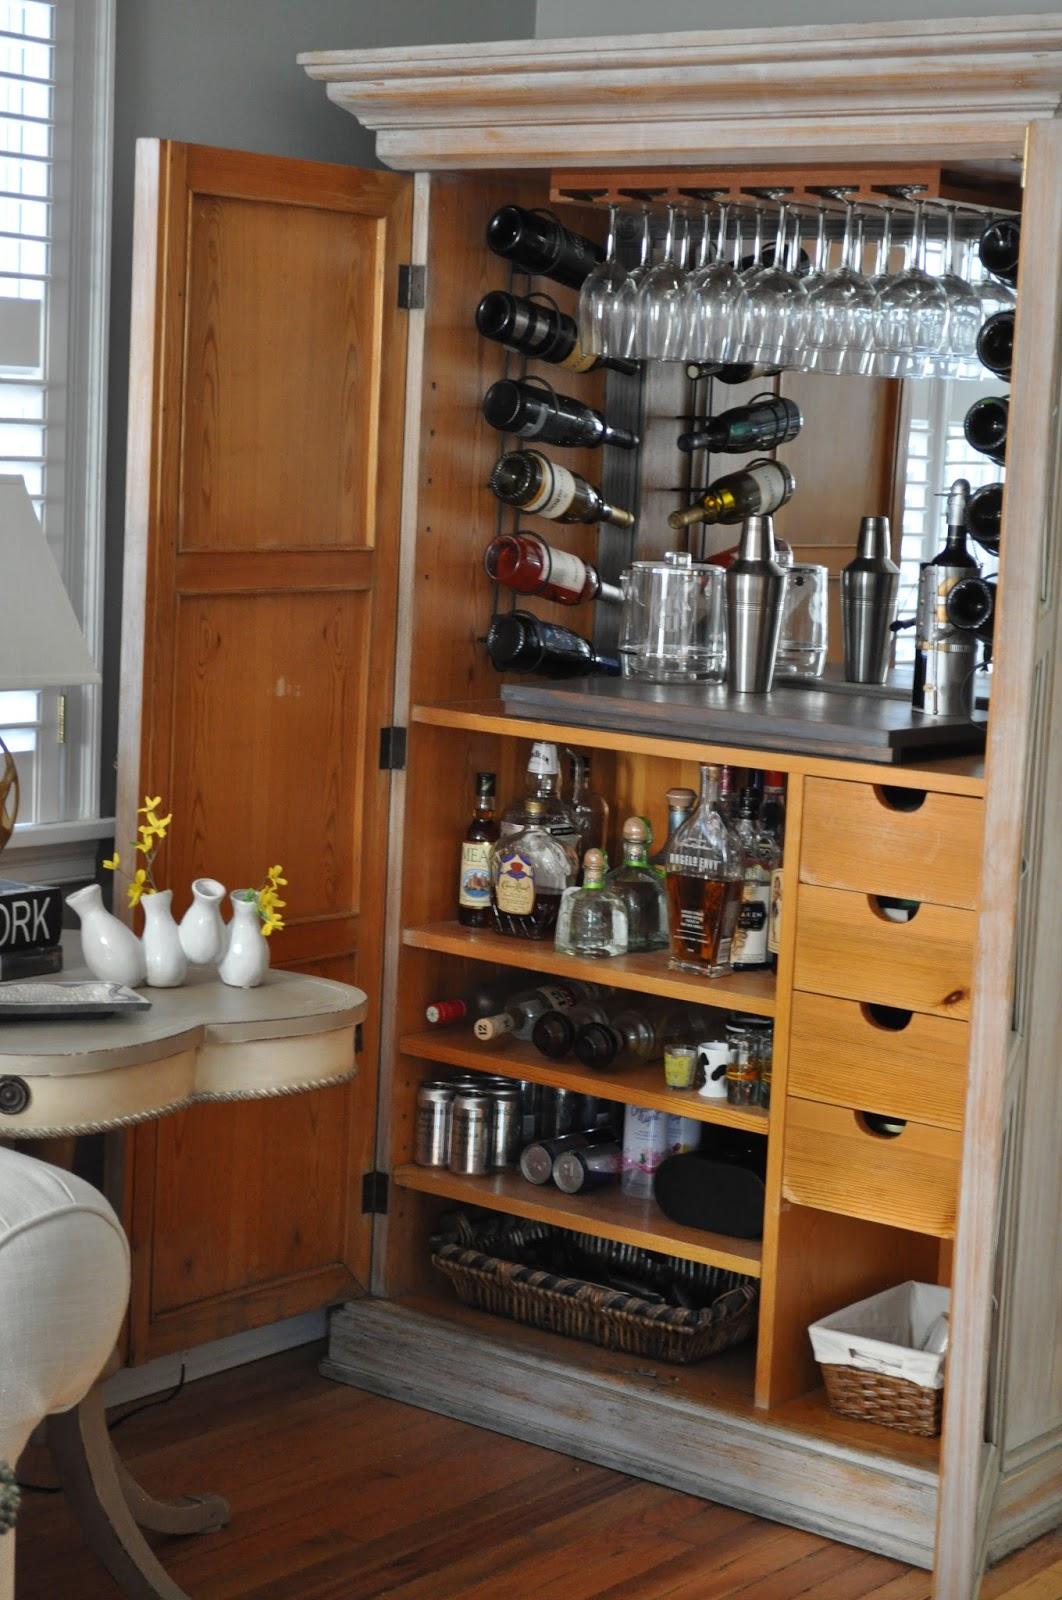 The Cow Spot Homemade Bar